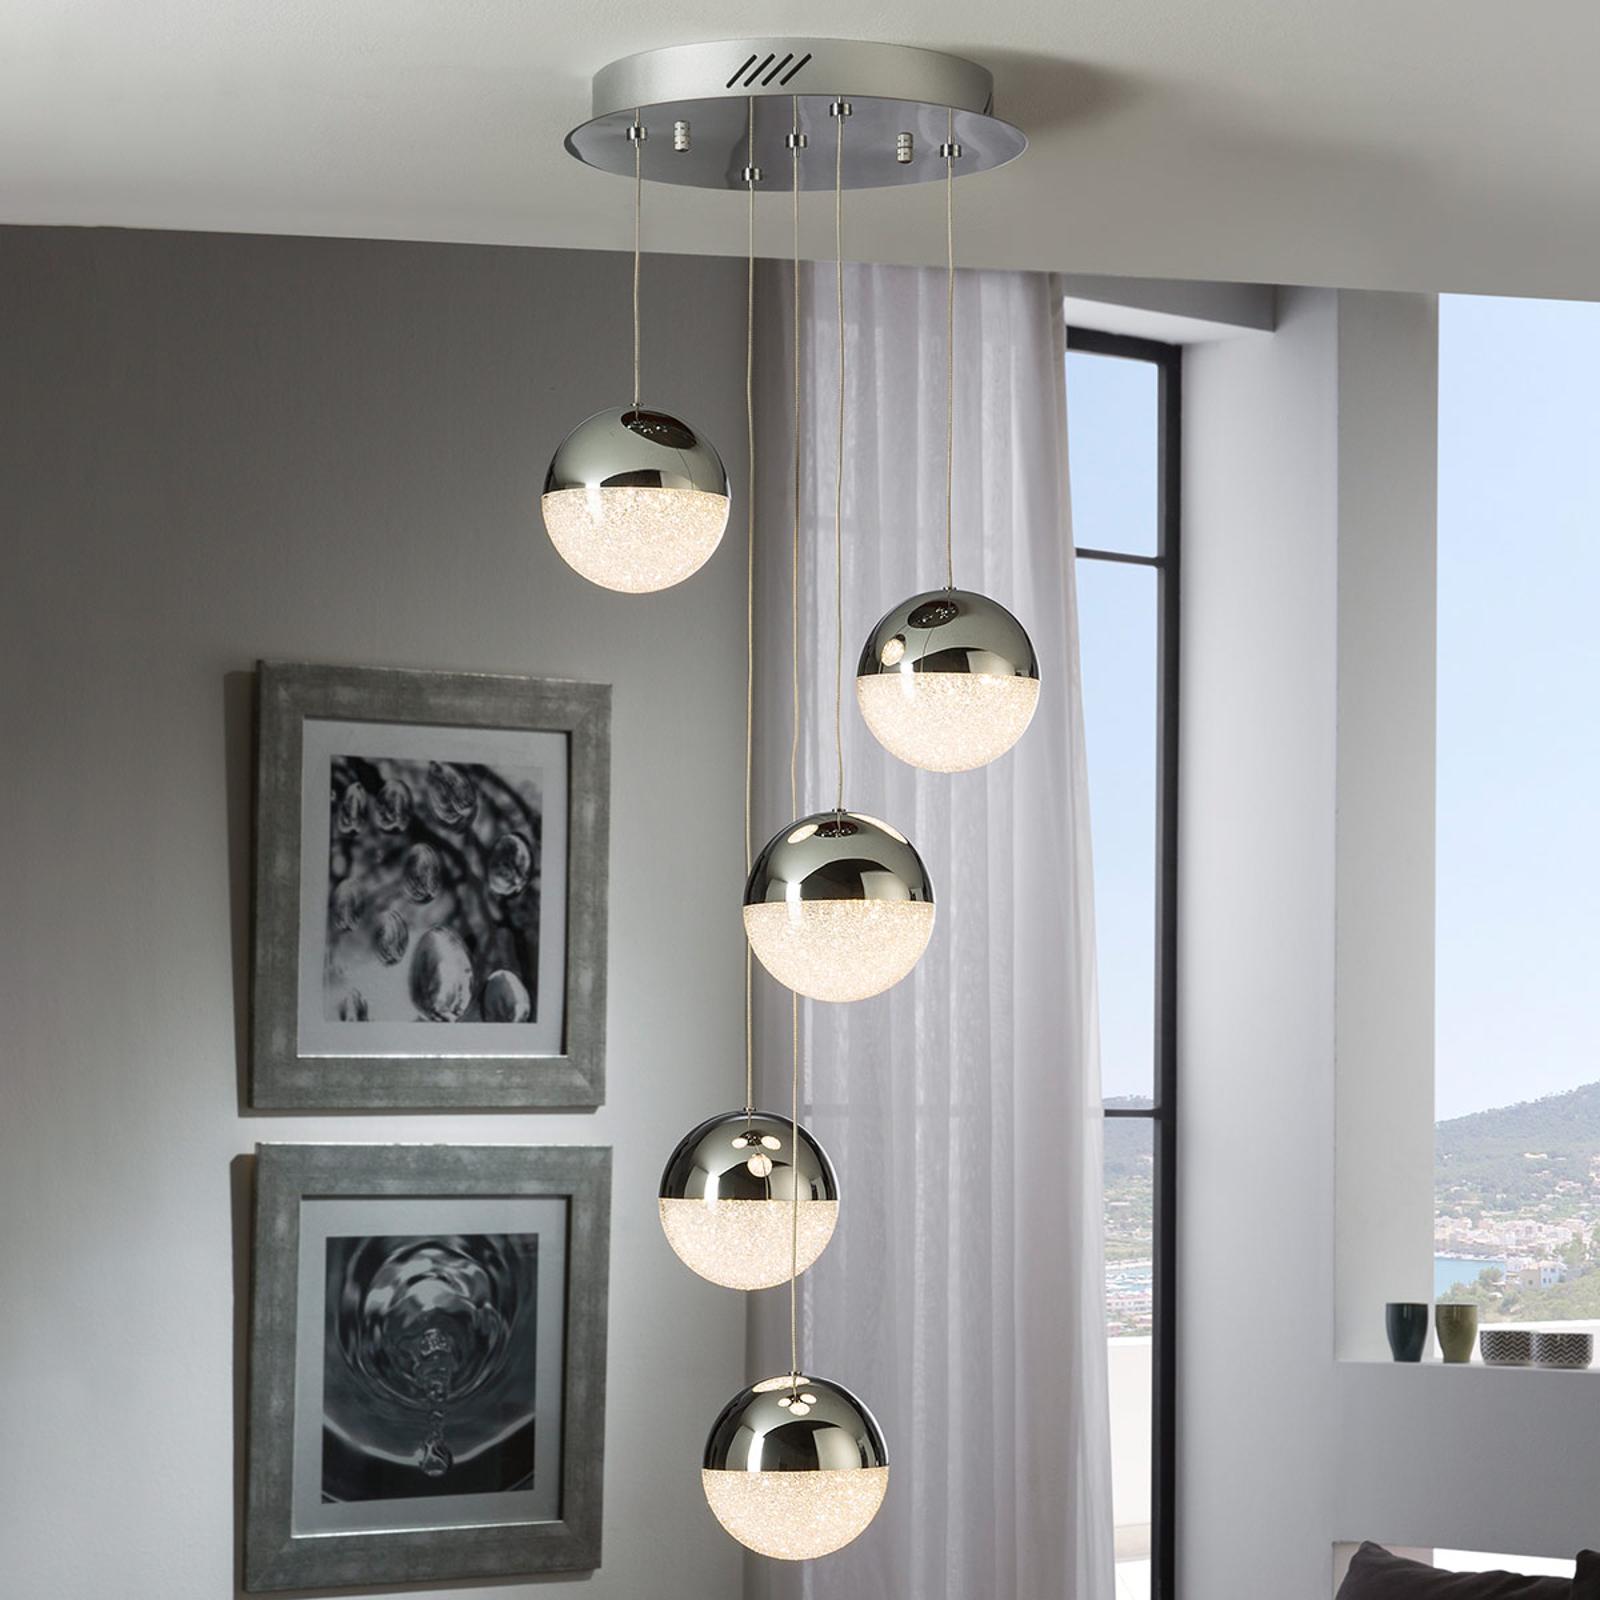 LED-hengelampe Sphere, 5 lyskilder, krom